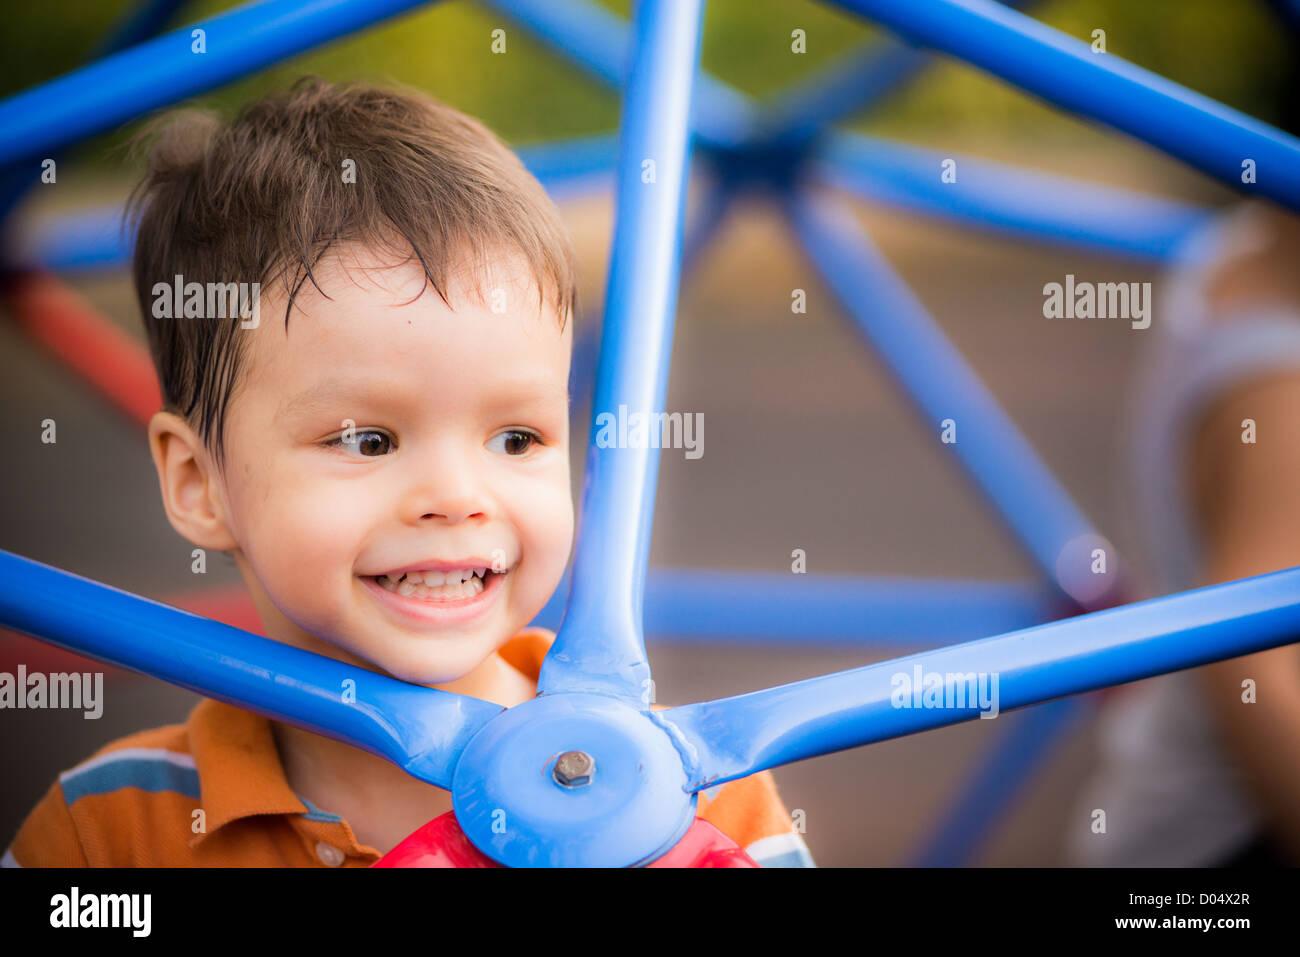 Klettergerüst Für 2 Jährige : Ein fröhlicher jährige junge spielt auf blauen klettergerüst in